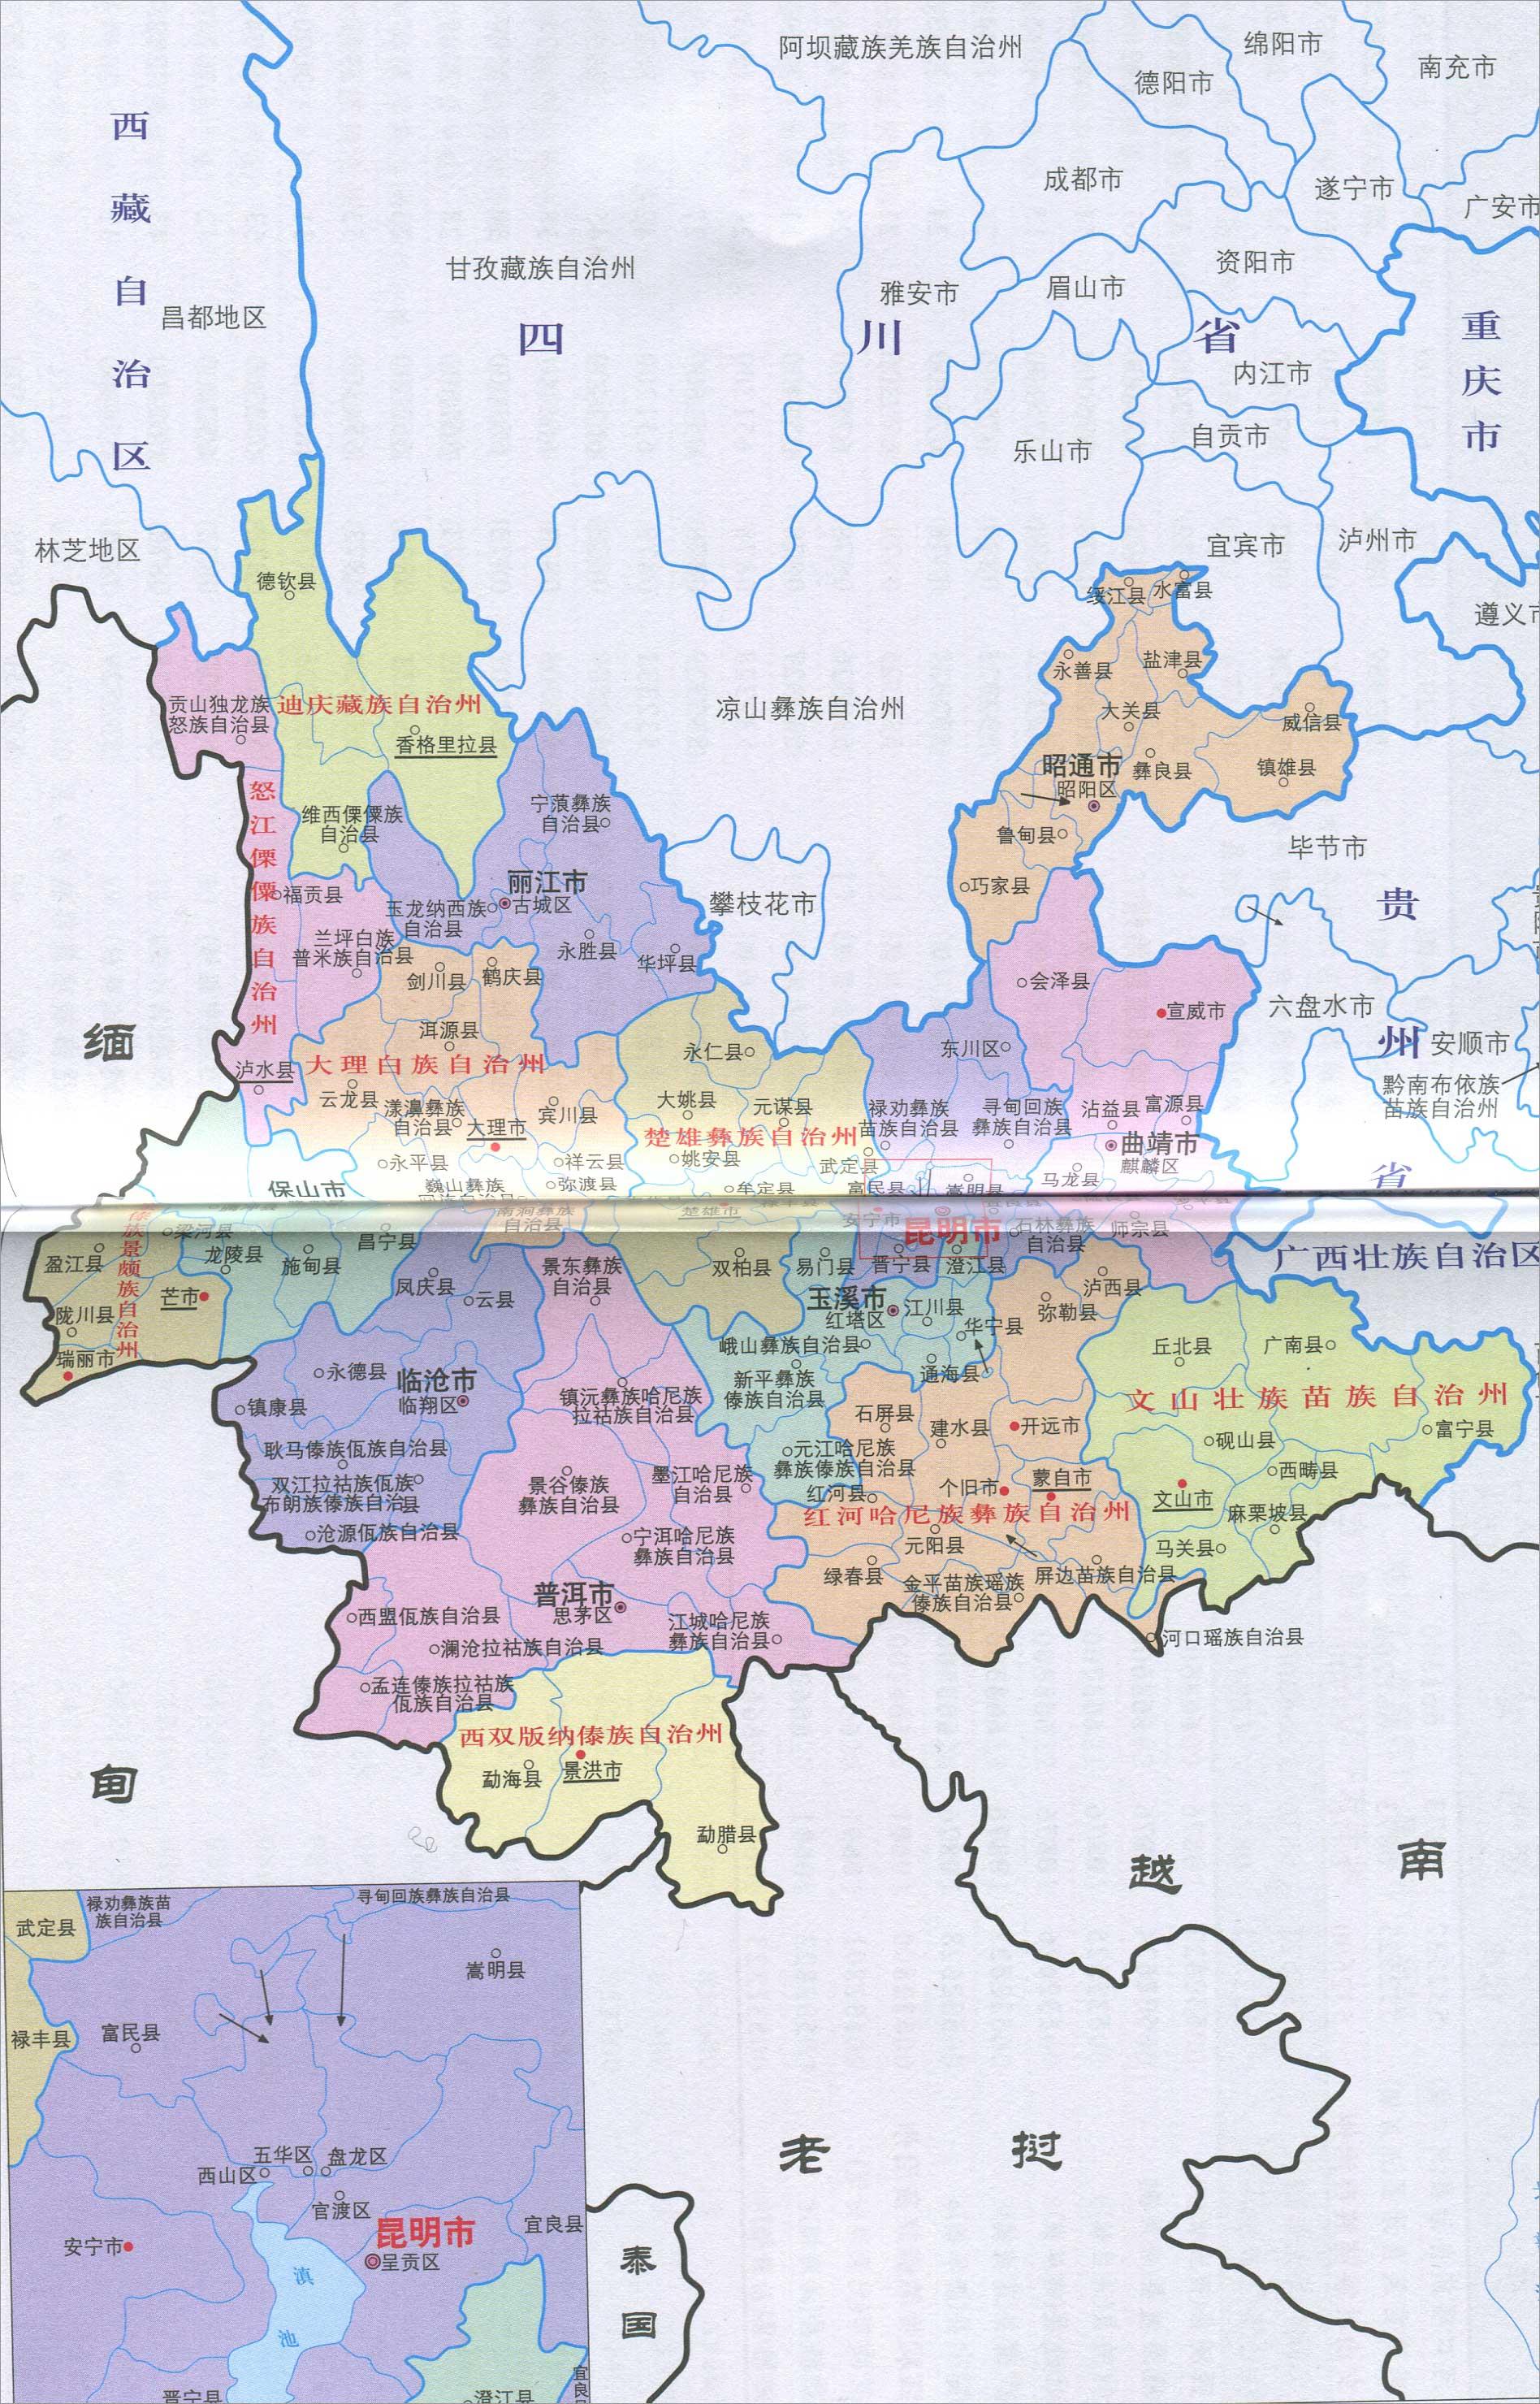 地图库 中国地图 专题 行政简图 >> 云南行政区划简图图片